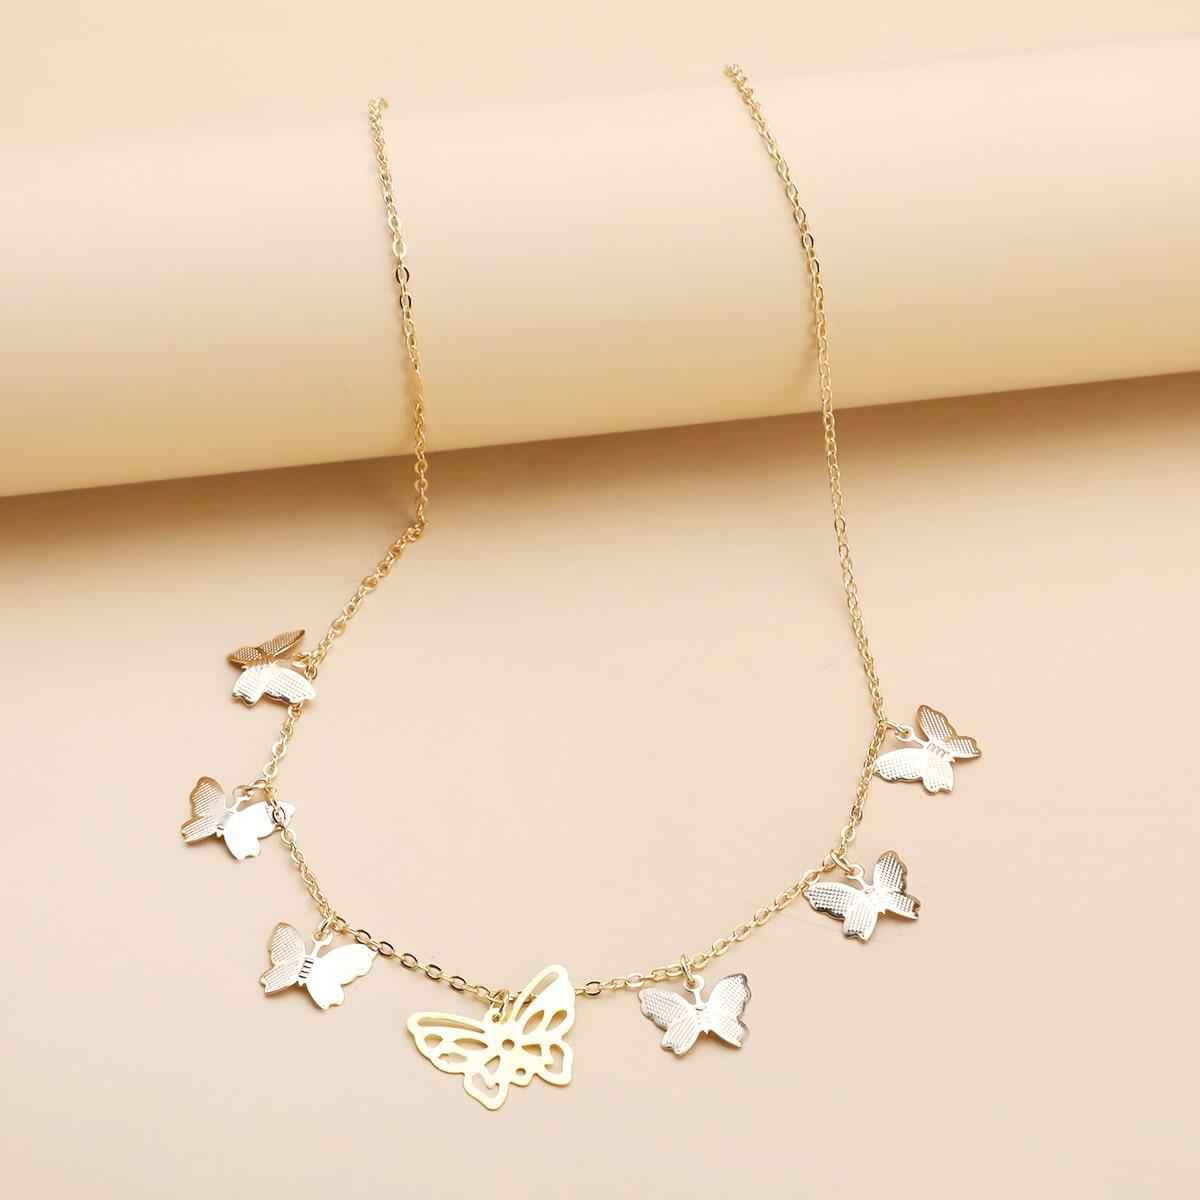 SHEIN / Halsband mit Schmetterling Anhänger